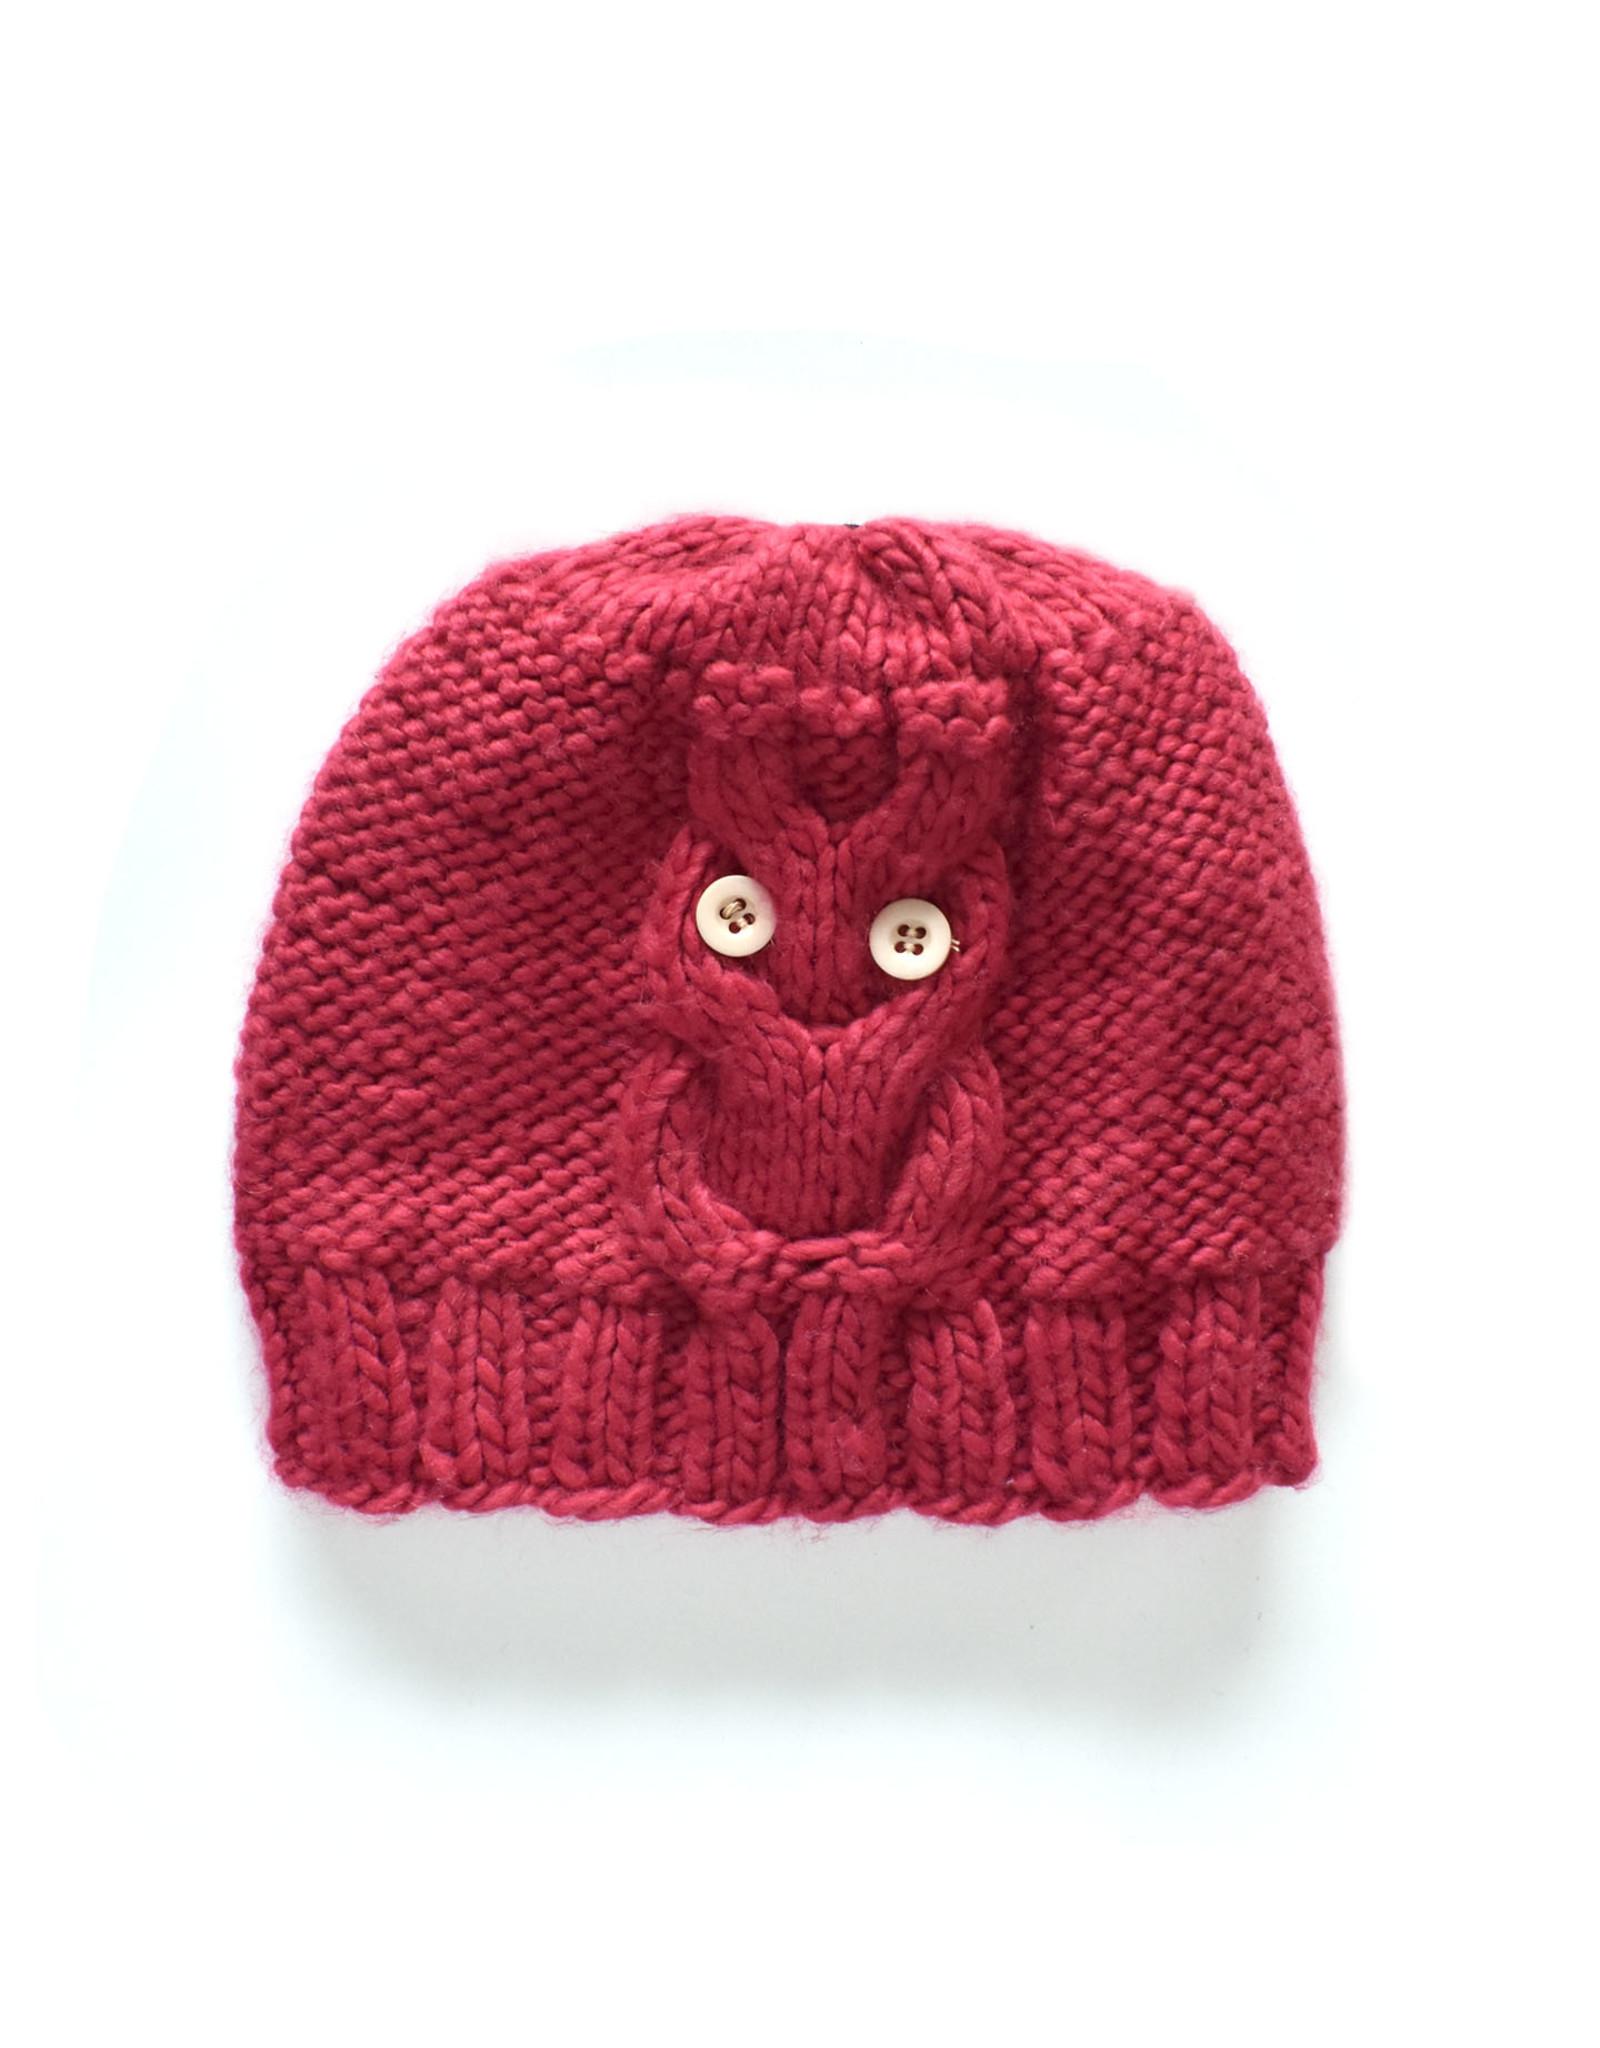 Raspberry Knit Beanie